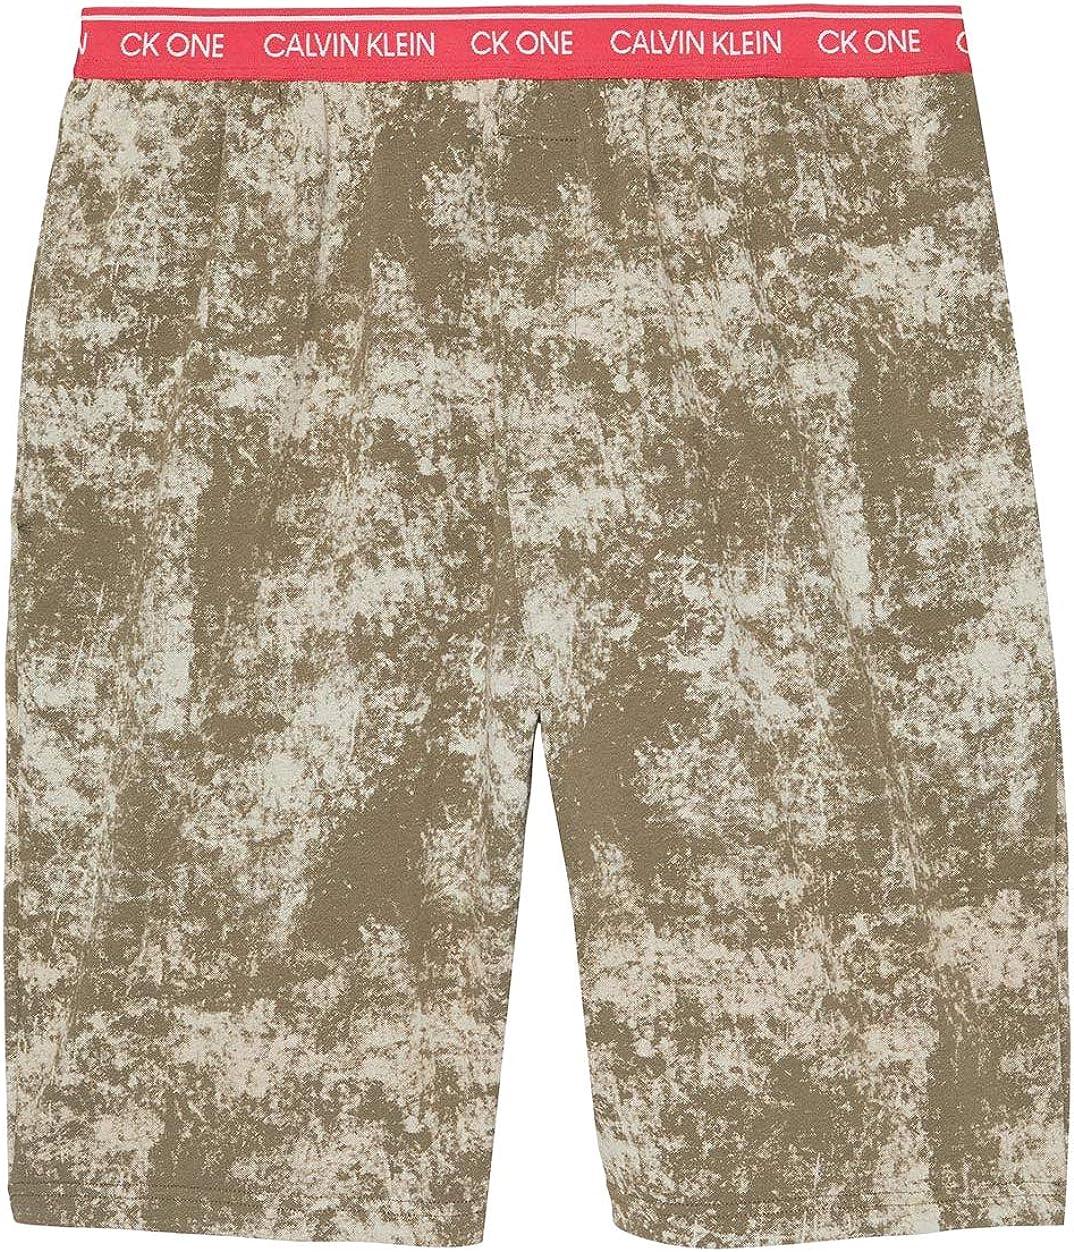 Calvin Klein Underwear Men's One Basic Lounge Shorts